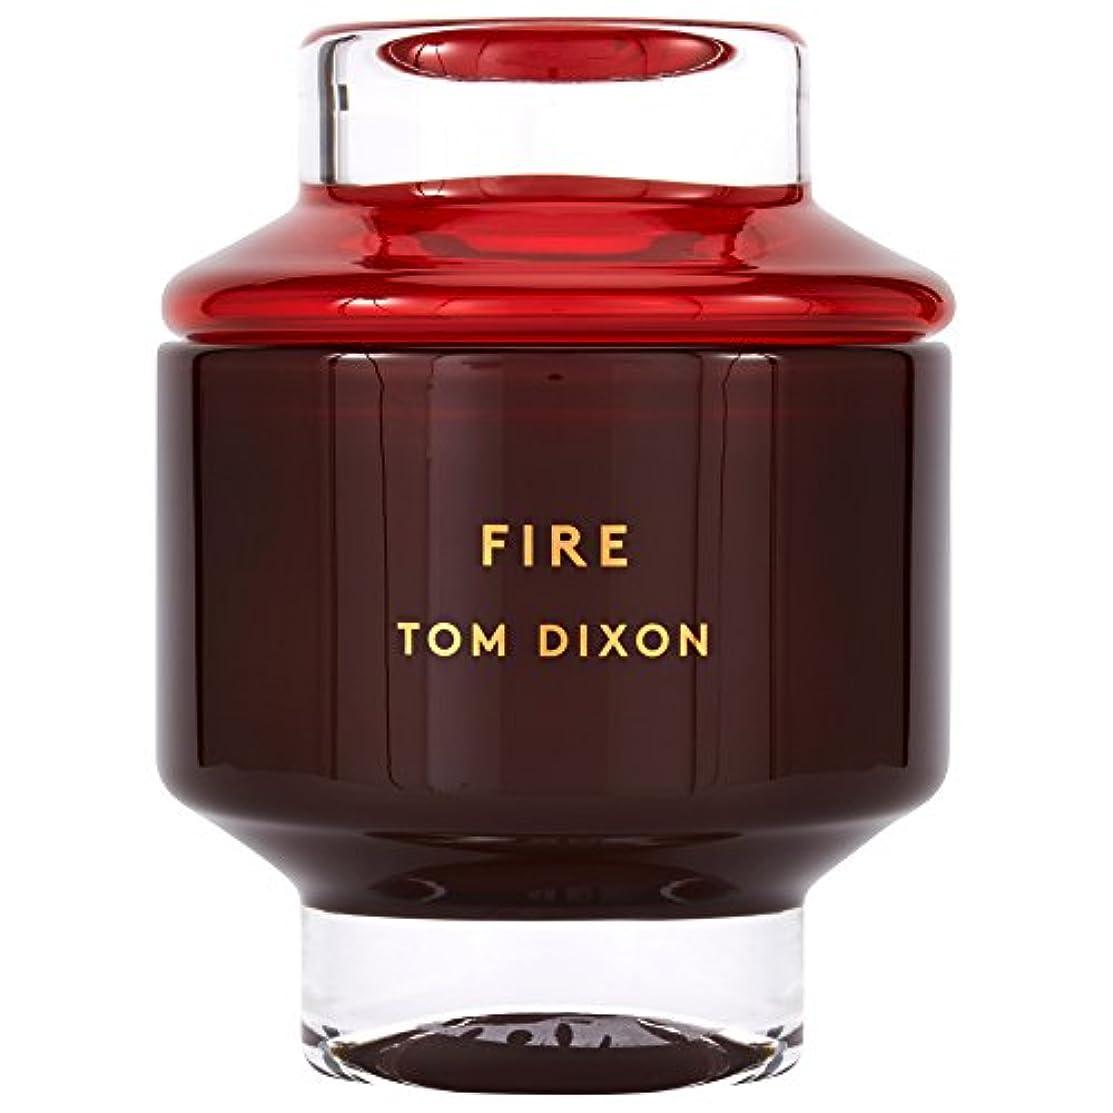 ゴールデン大不和Tom Dixon Fire Scented Candle Large - トム?ディクソン火災大型香りのキャンドル [並行輸入品]